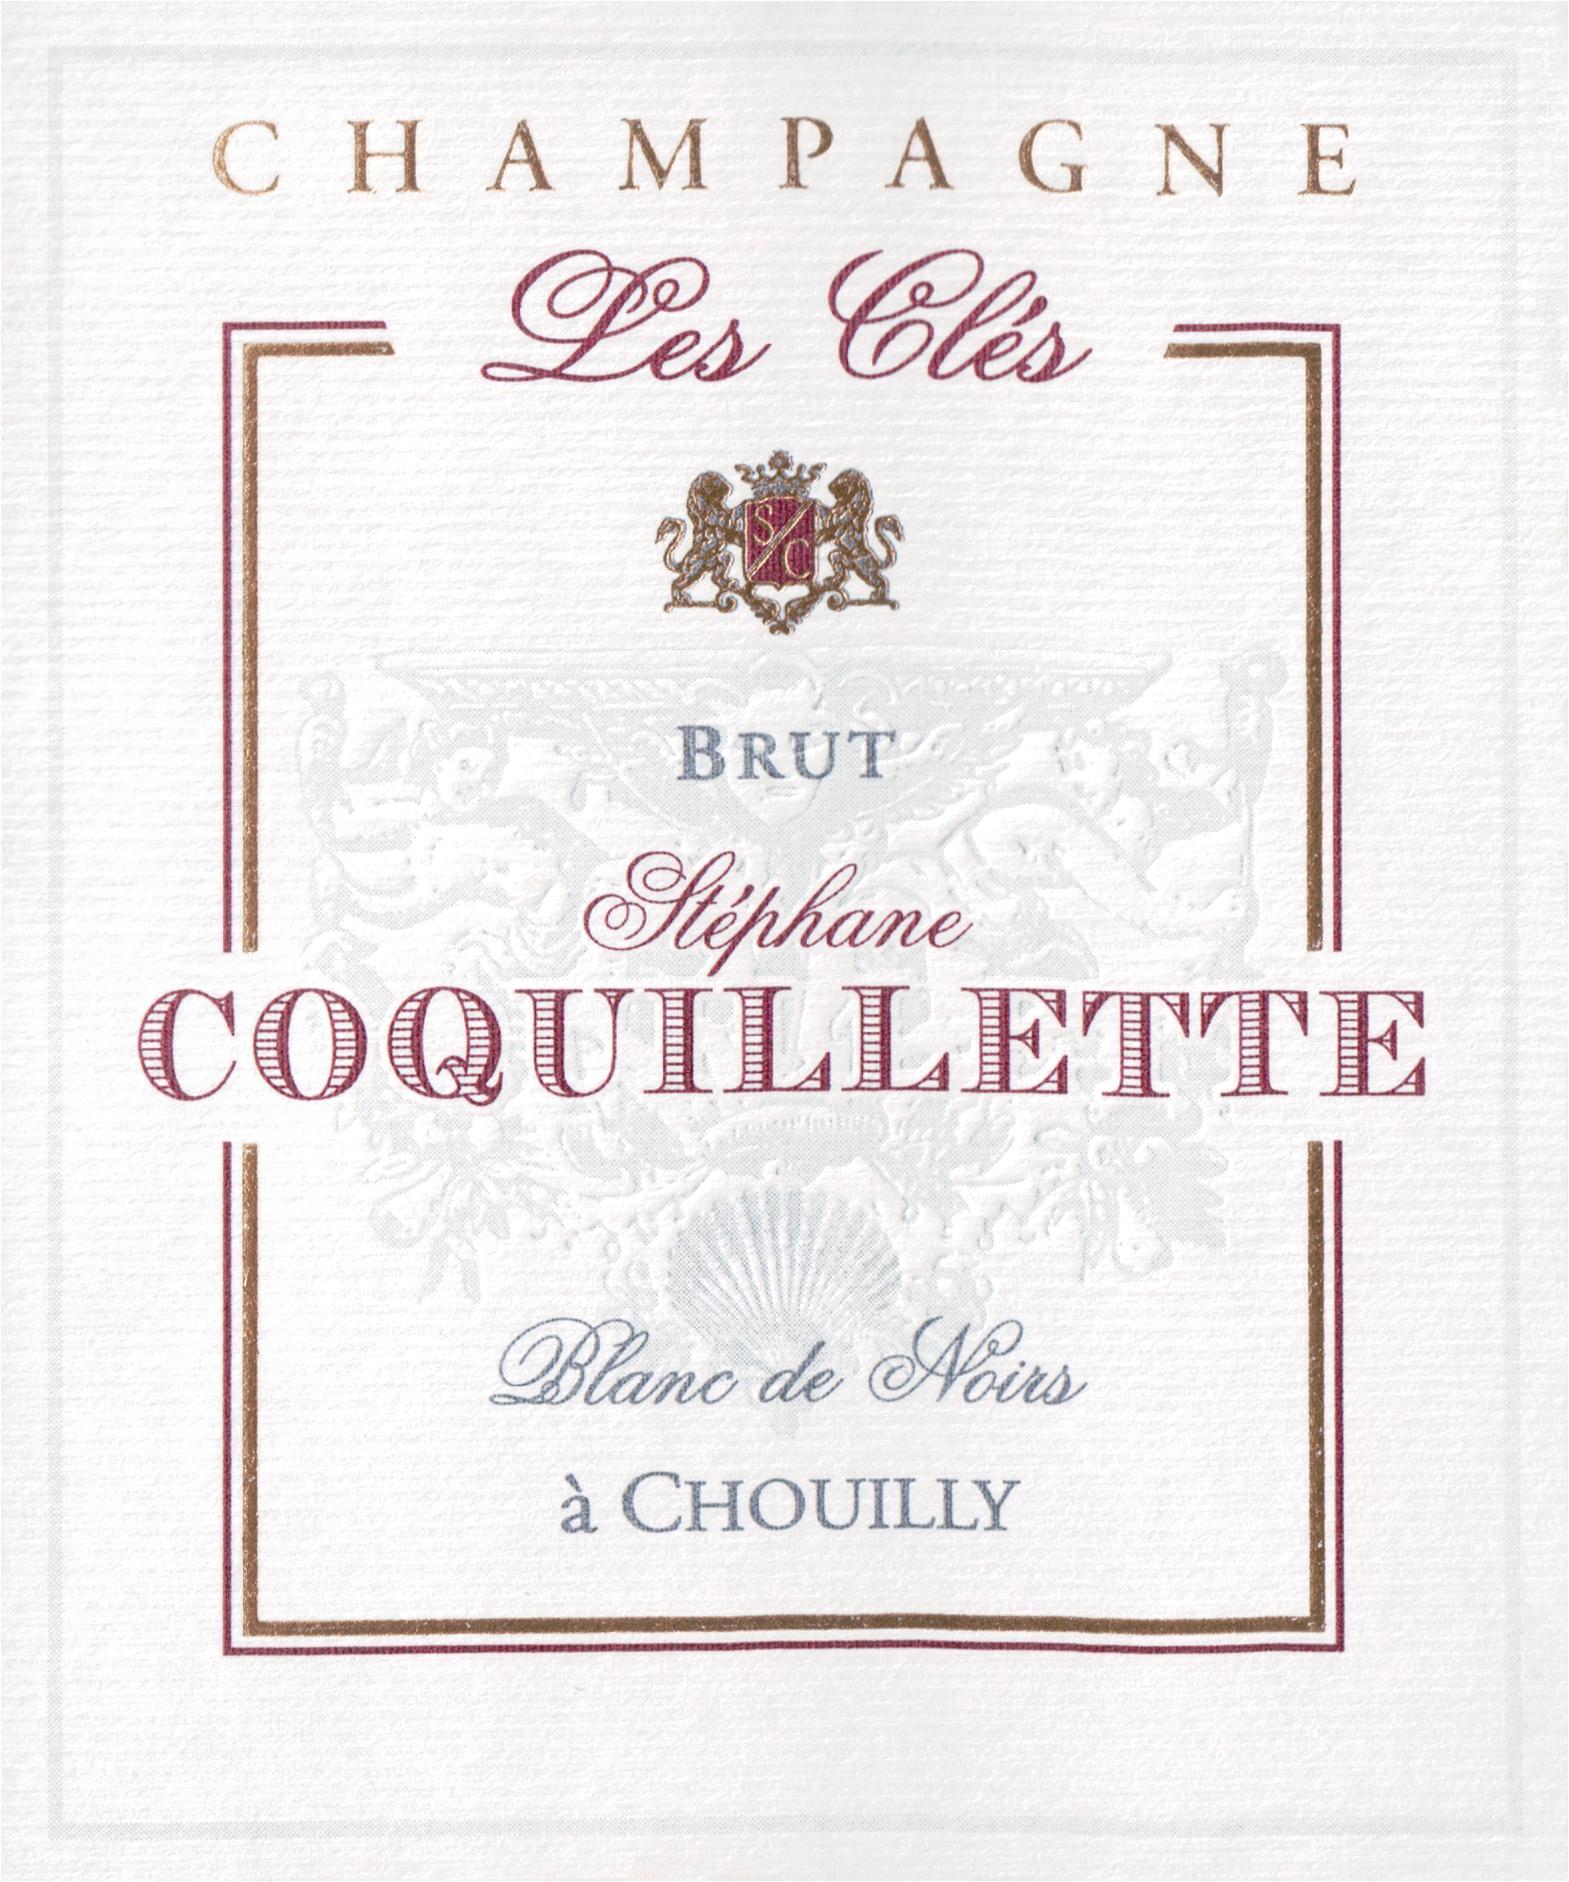 Stephane Coquillette Blanc De Noirs Brut